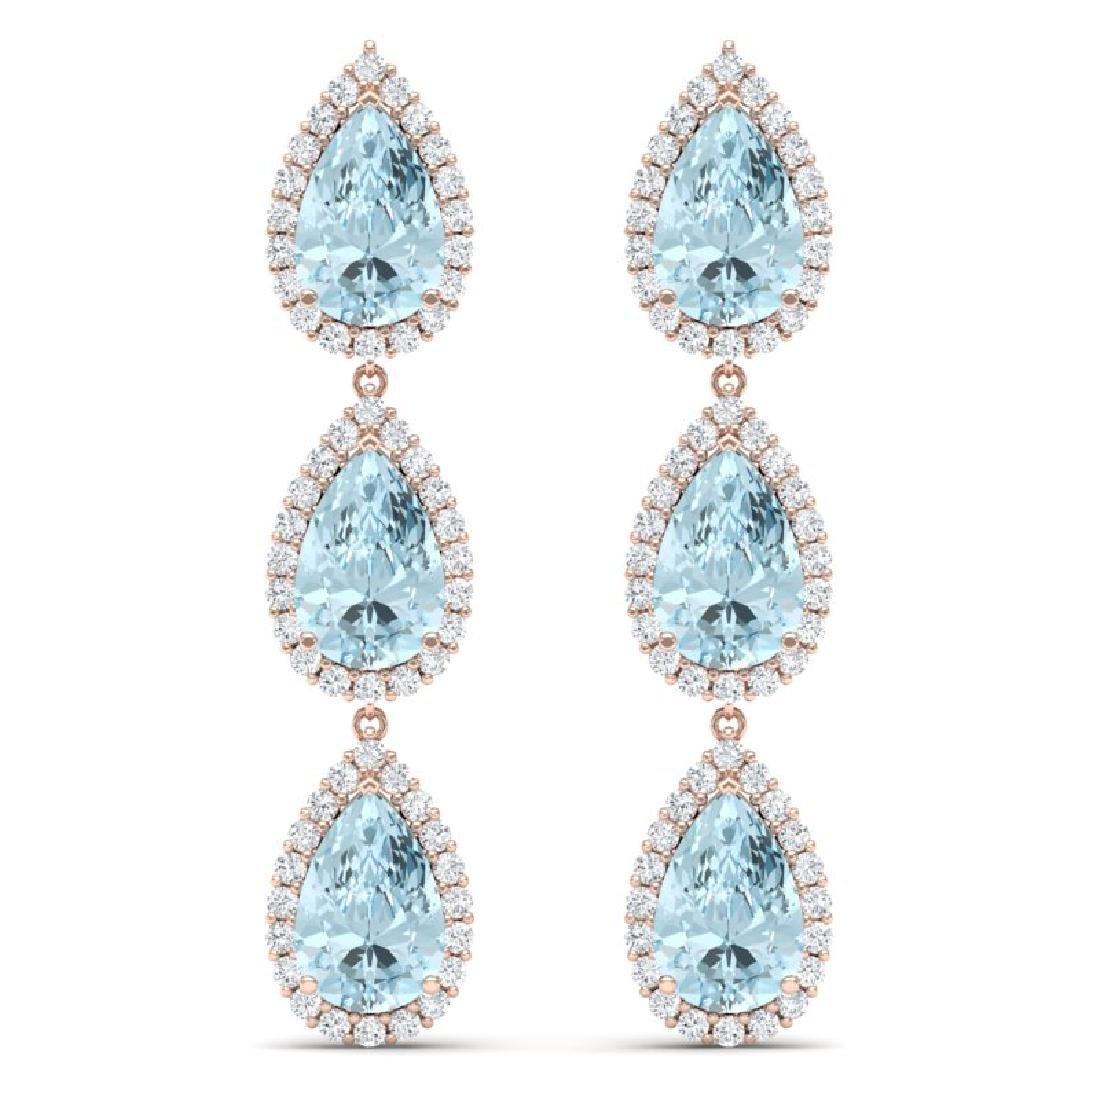 27.3 CTW Royalty Sky Topaz & VS Diamond Earrings 18K